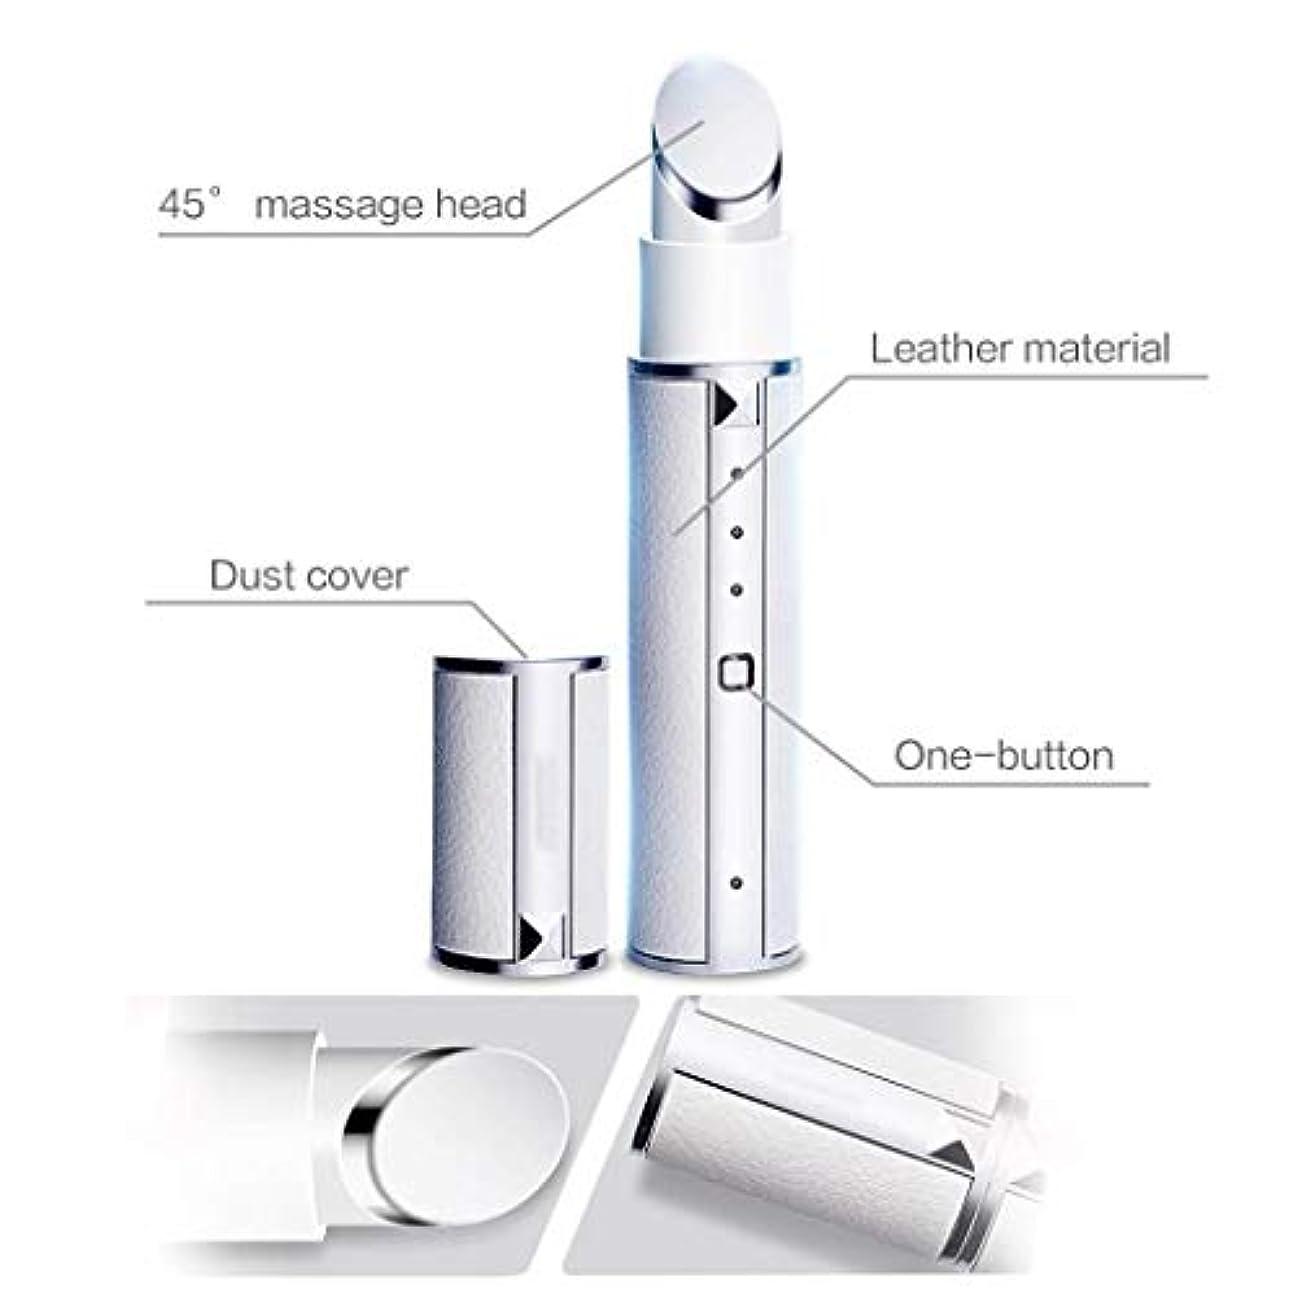 マッサージャー、42℃恒温電気アイマッサージケアデバイス、顔の健康と美容ツール、顔に適して、額、首のリフト、しっかりした肌、しわを減らす、持ち運びが簡単